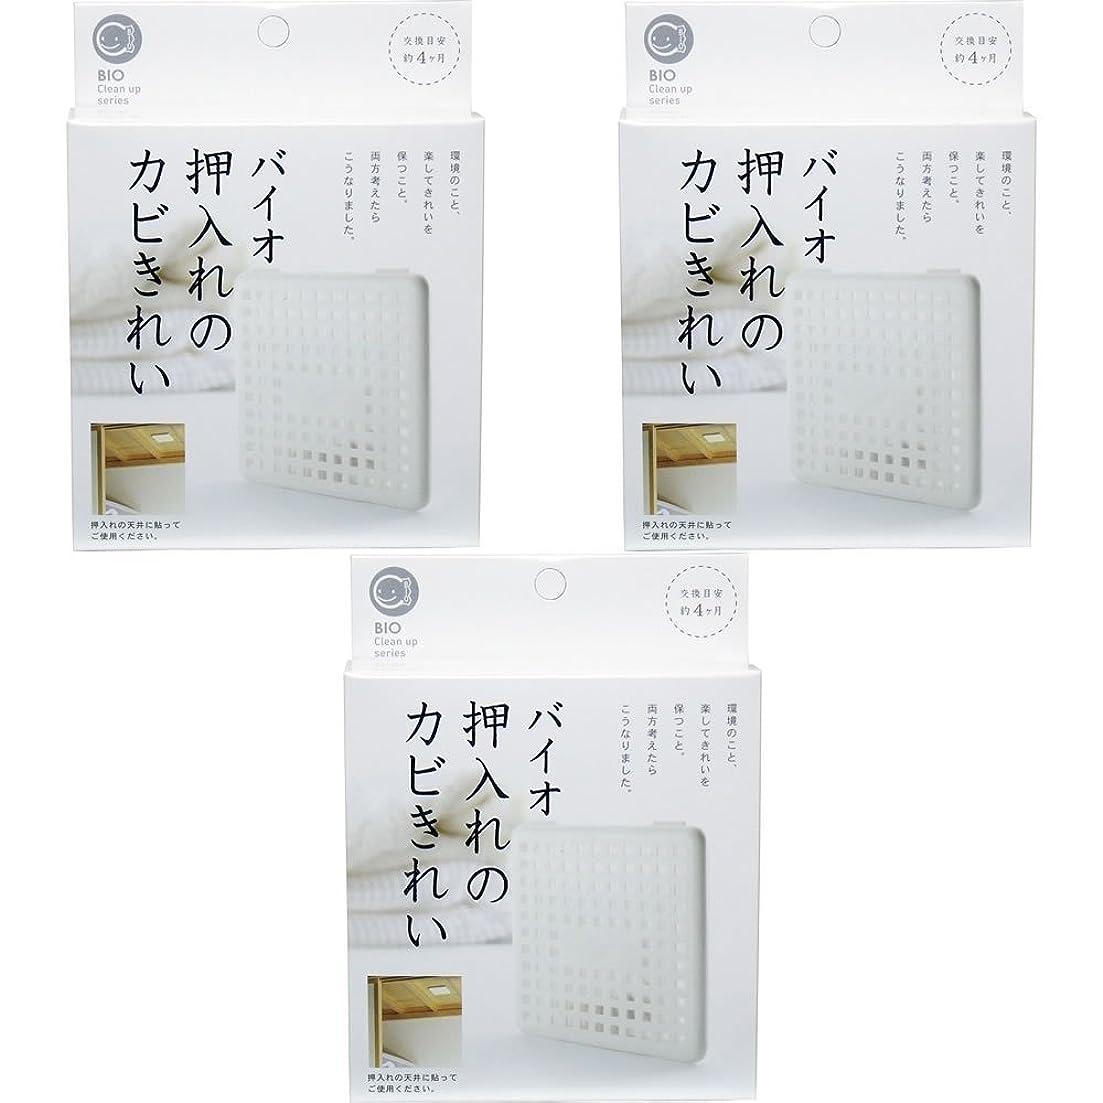 酸度ネズミ特権アース製薬 らくハピ エアコンの防カビスプレー 無香性 350ml